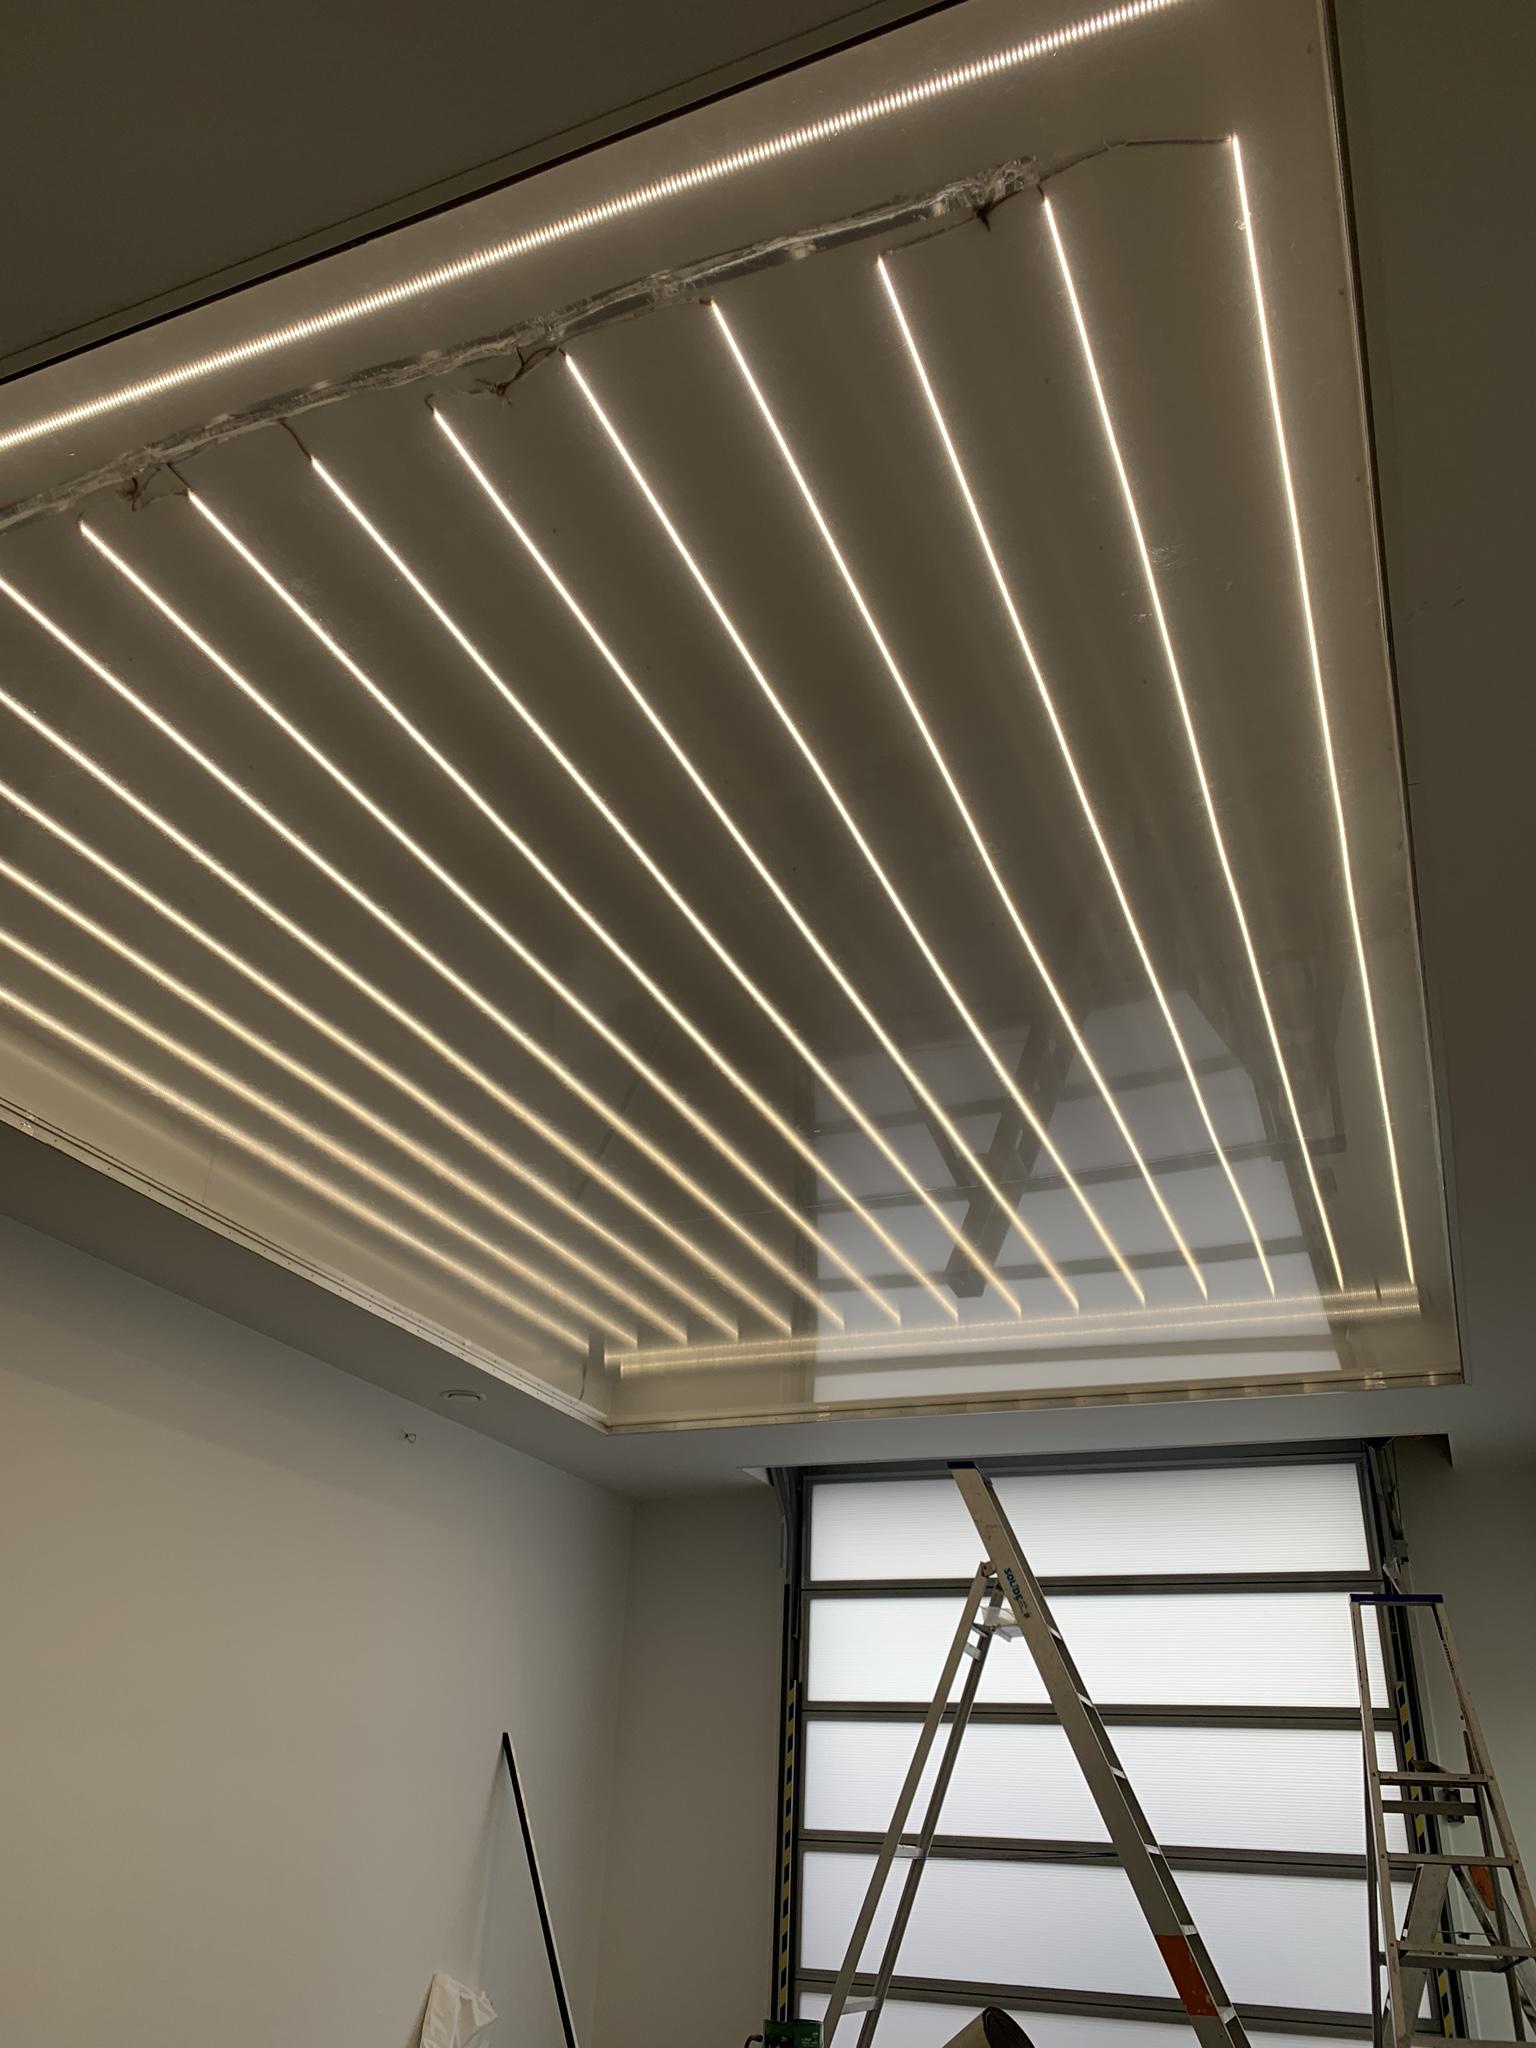 spanplafond met lichtprint